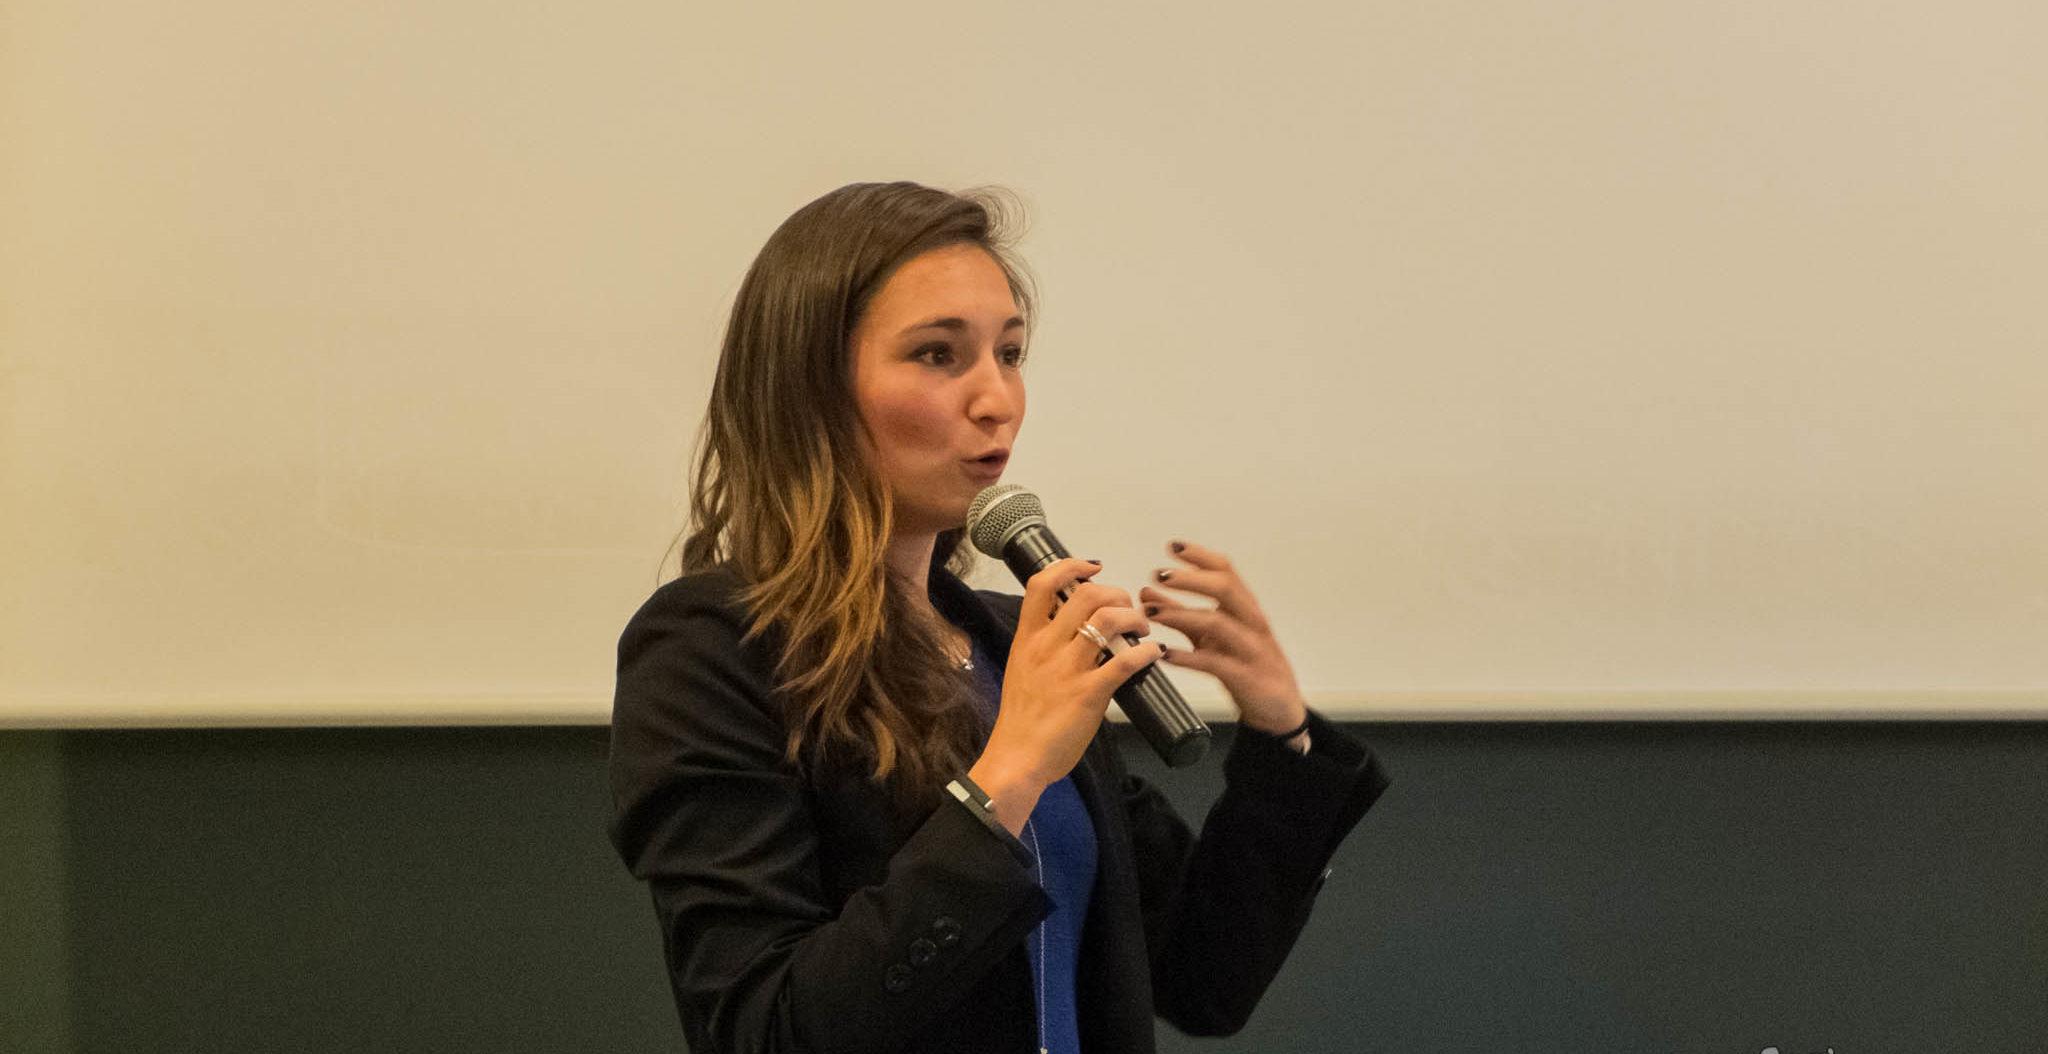 Etudiant entrepreneur - Efrei Paris - Ecole d'ingénieurs informatique